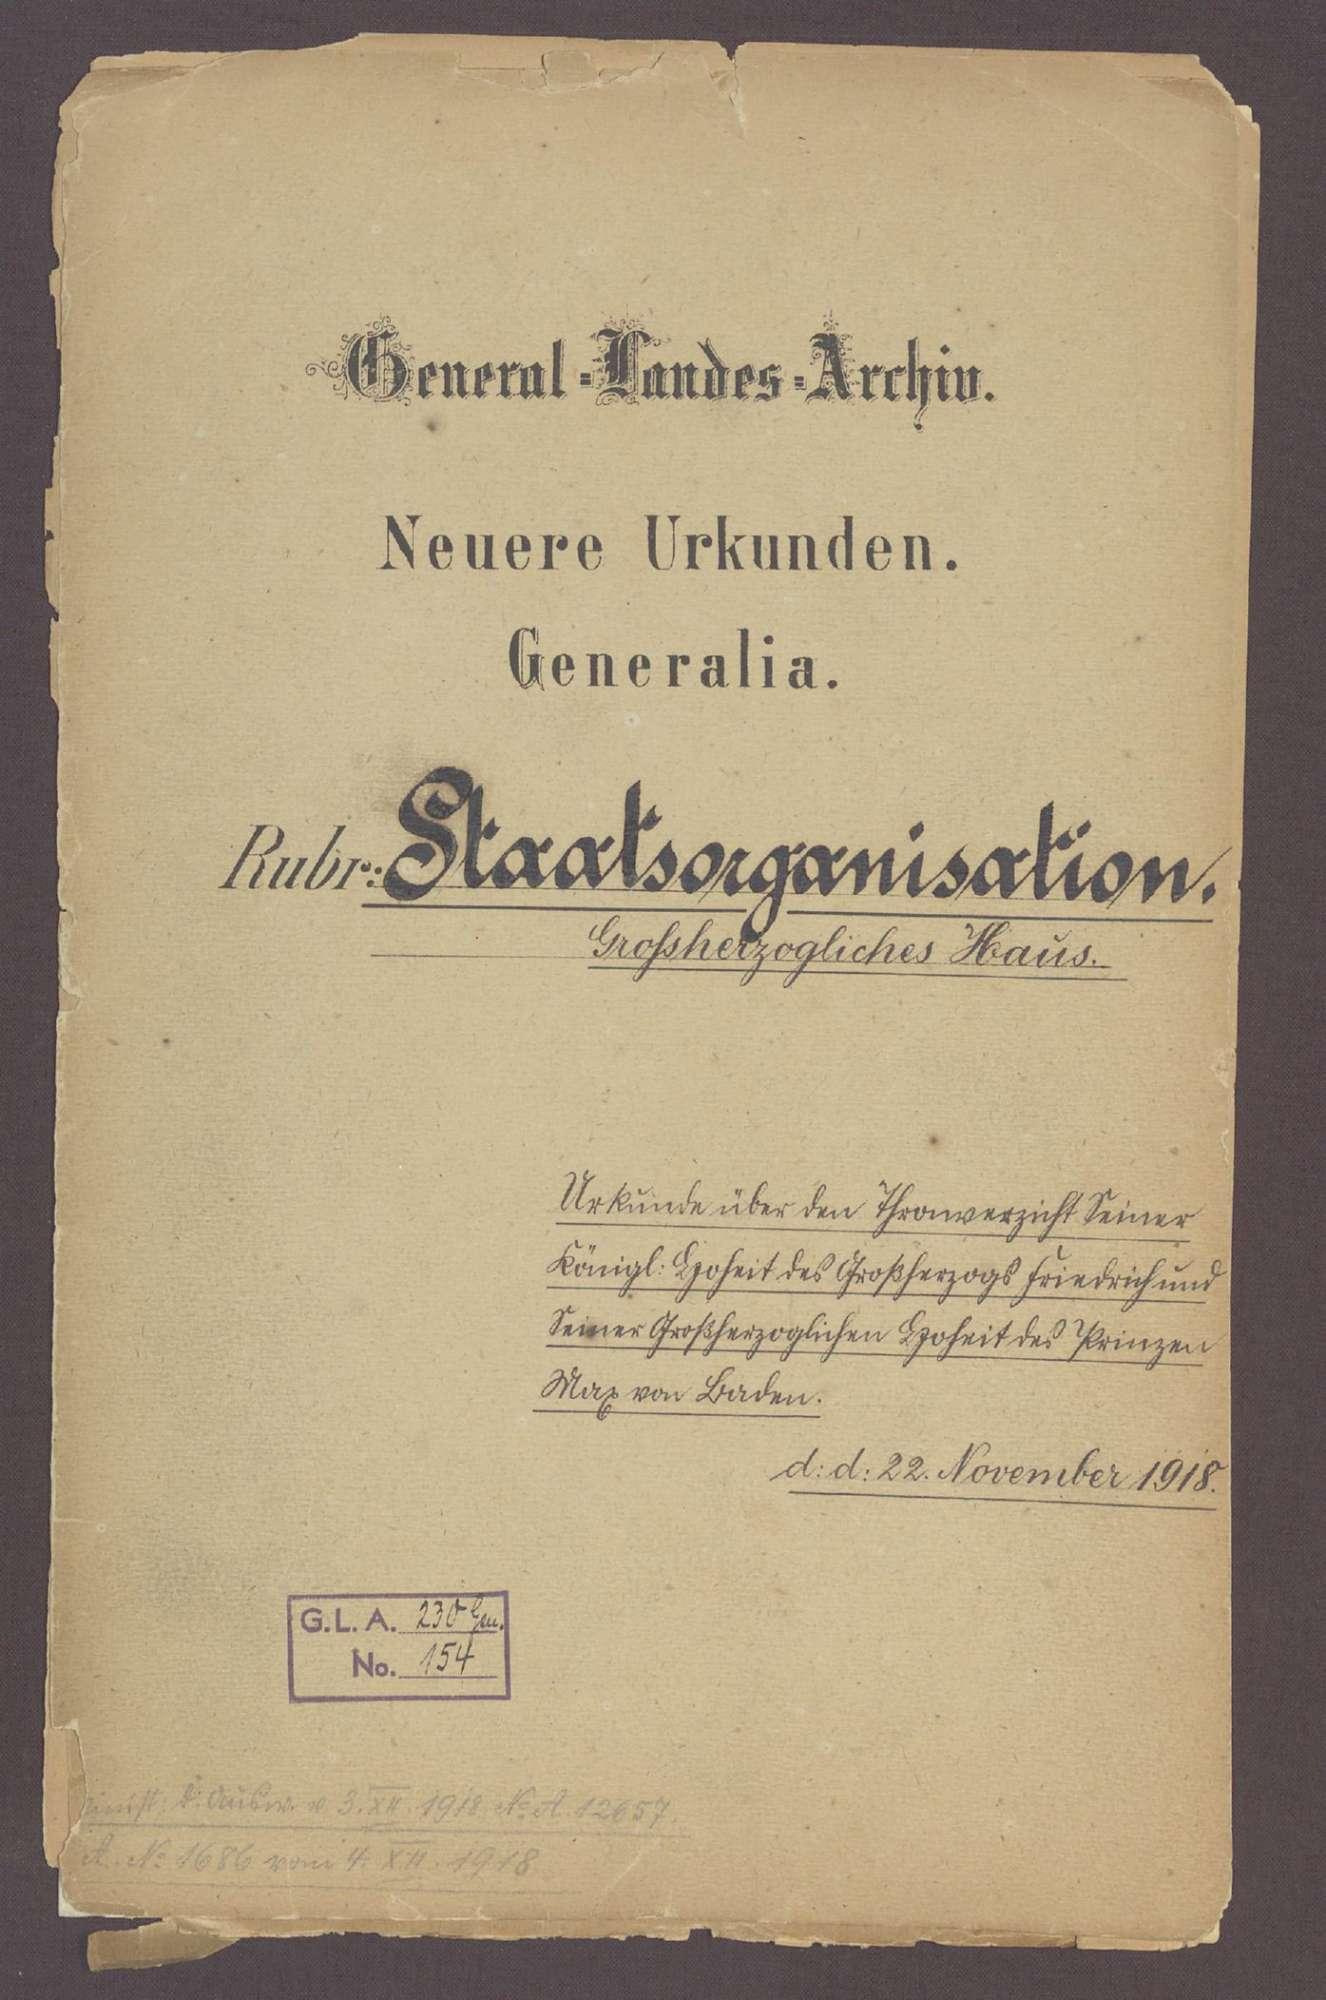 Urkunde über den Thronverzicht Seiner Königlichen Hoheit des Großherzogs Friedrich und Seiner Großherzoglichen Hoheit des Prinzen Max von Baden (22. November 1918), Bild 1